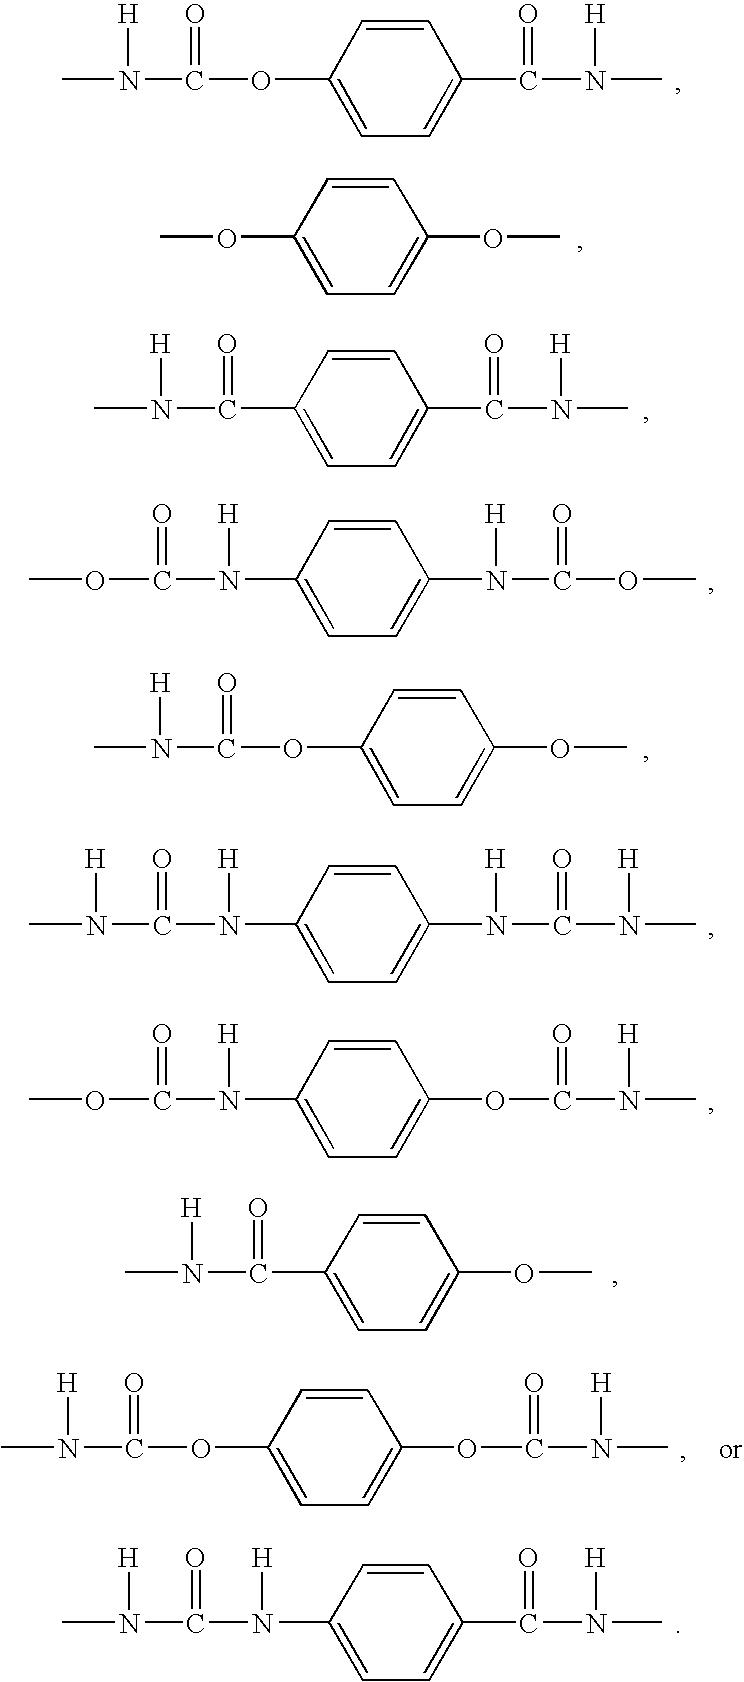 Figure US20050137381A1-20050623-C00038